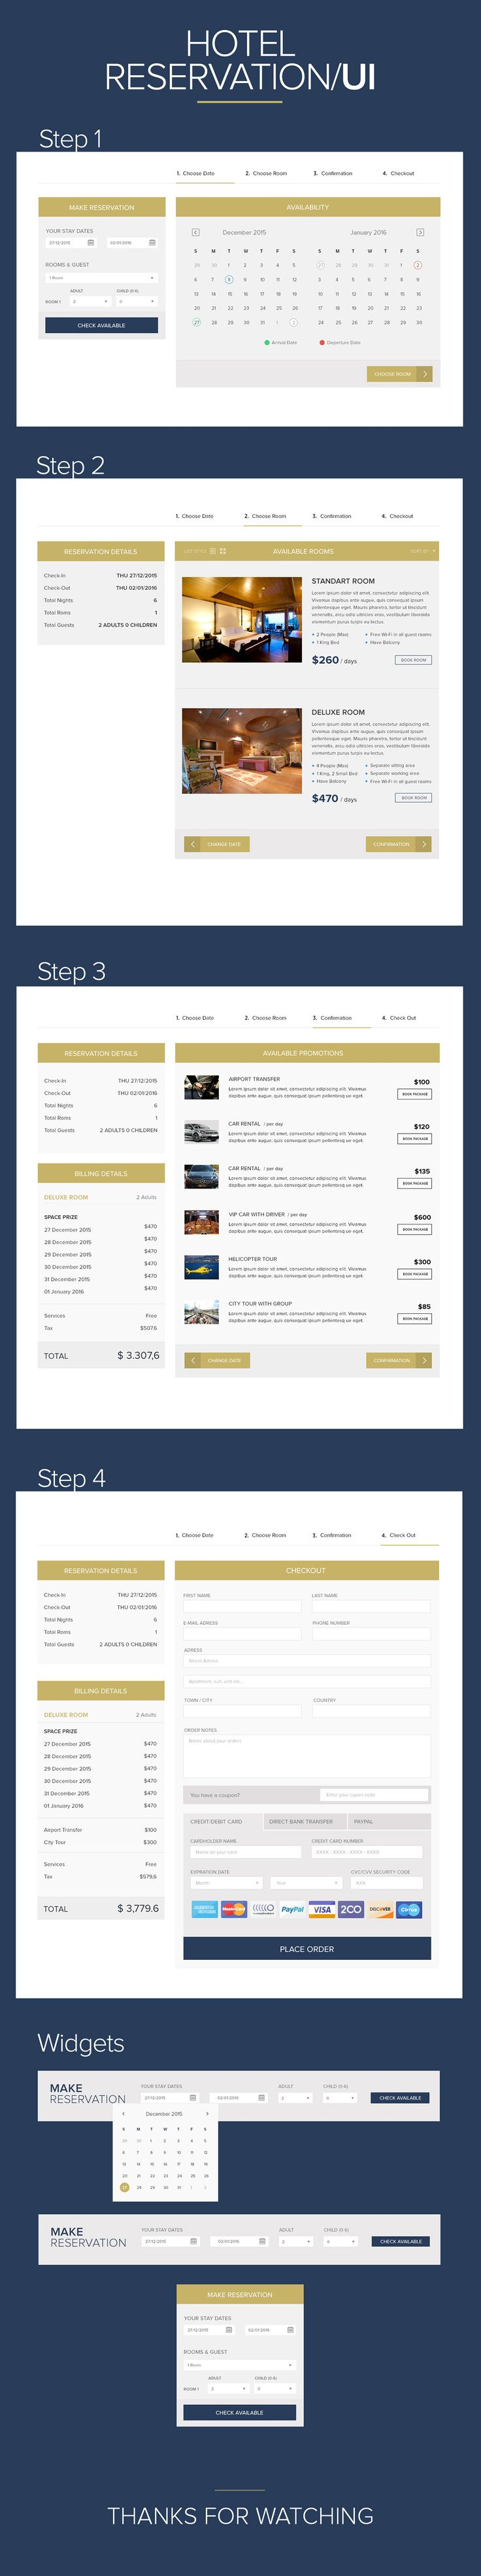 Hotel Reservation UI Design on Behance